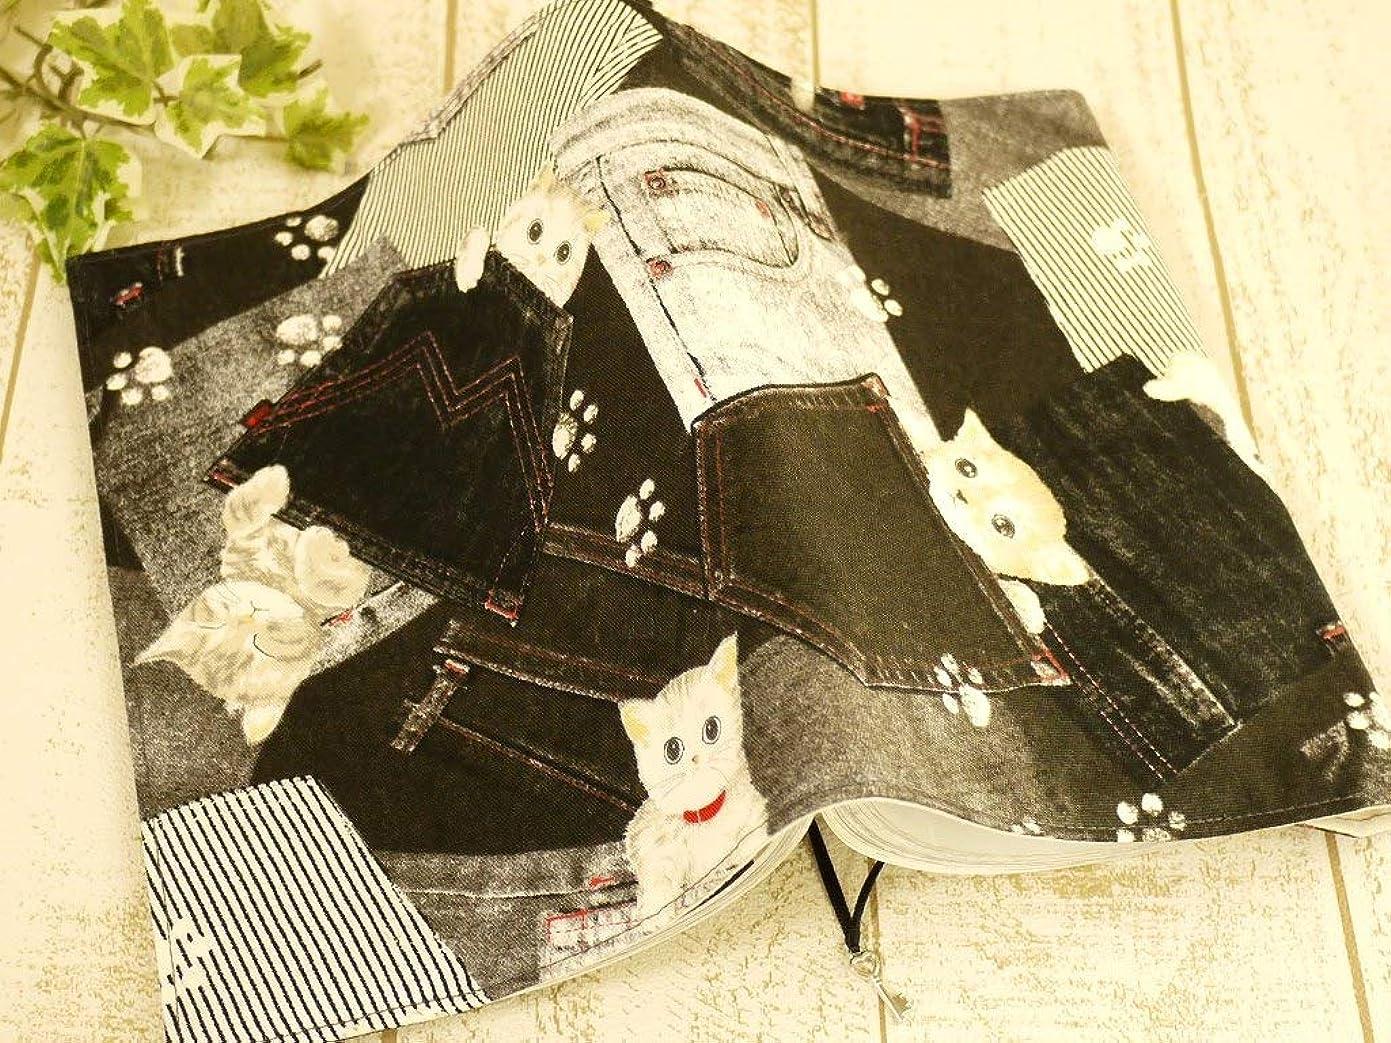 かるなめらかな検体++proud++布製ブックカバー/A5サイズ 21.1×15.0++猫柄[ポケット/黒]ゴム付き++